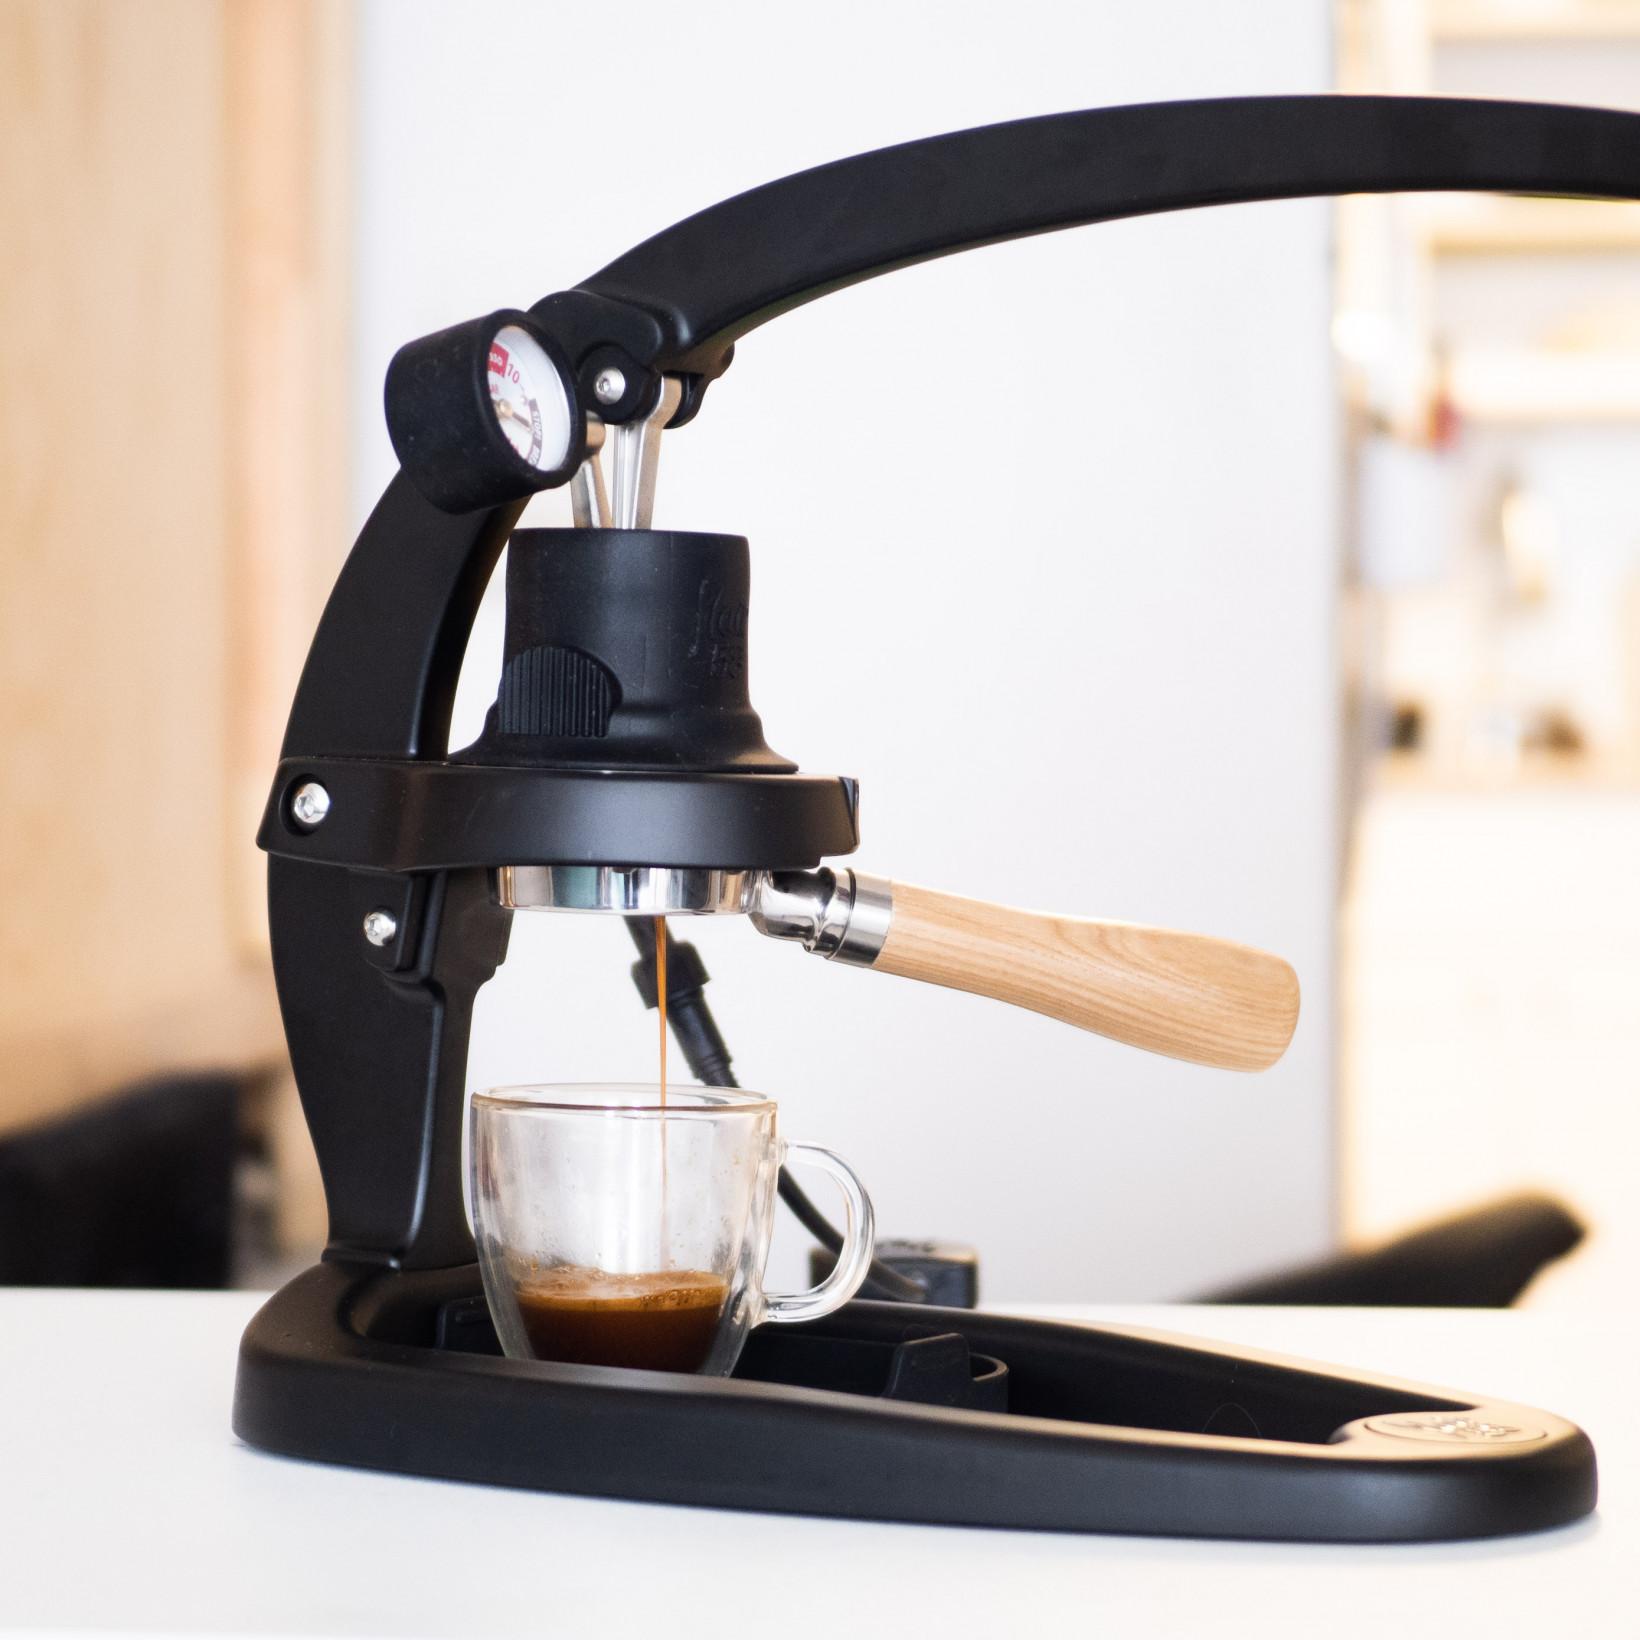 Flair 58 Espresso Maker 5 of 6